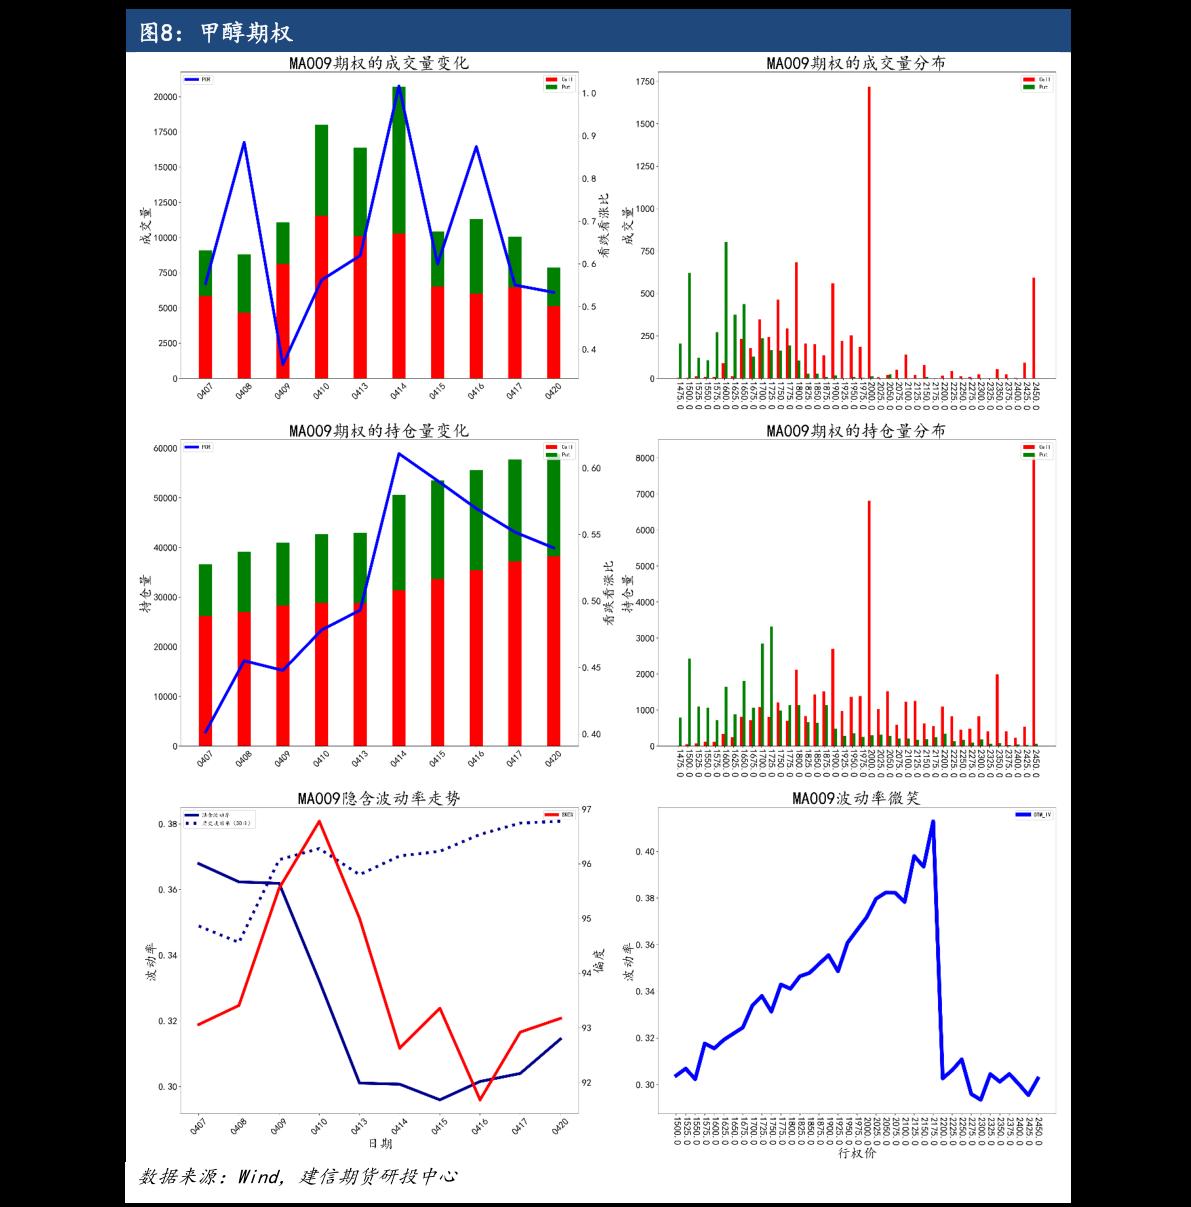 中原雷火竞猜app-沪深300期权周报:标的喜迎新年开门红,隐波上升,期权成交量创新高-210110